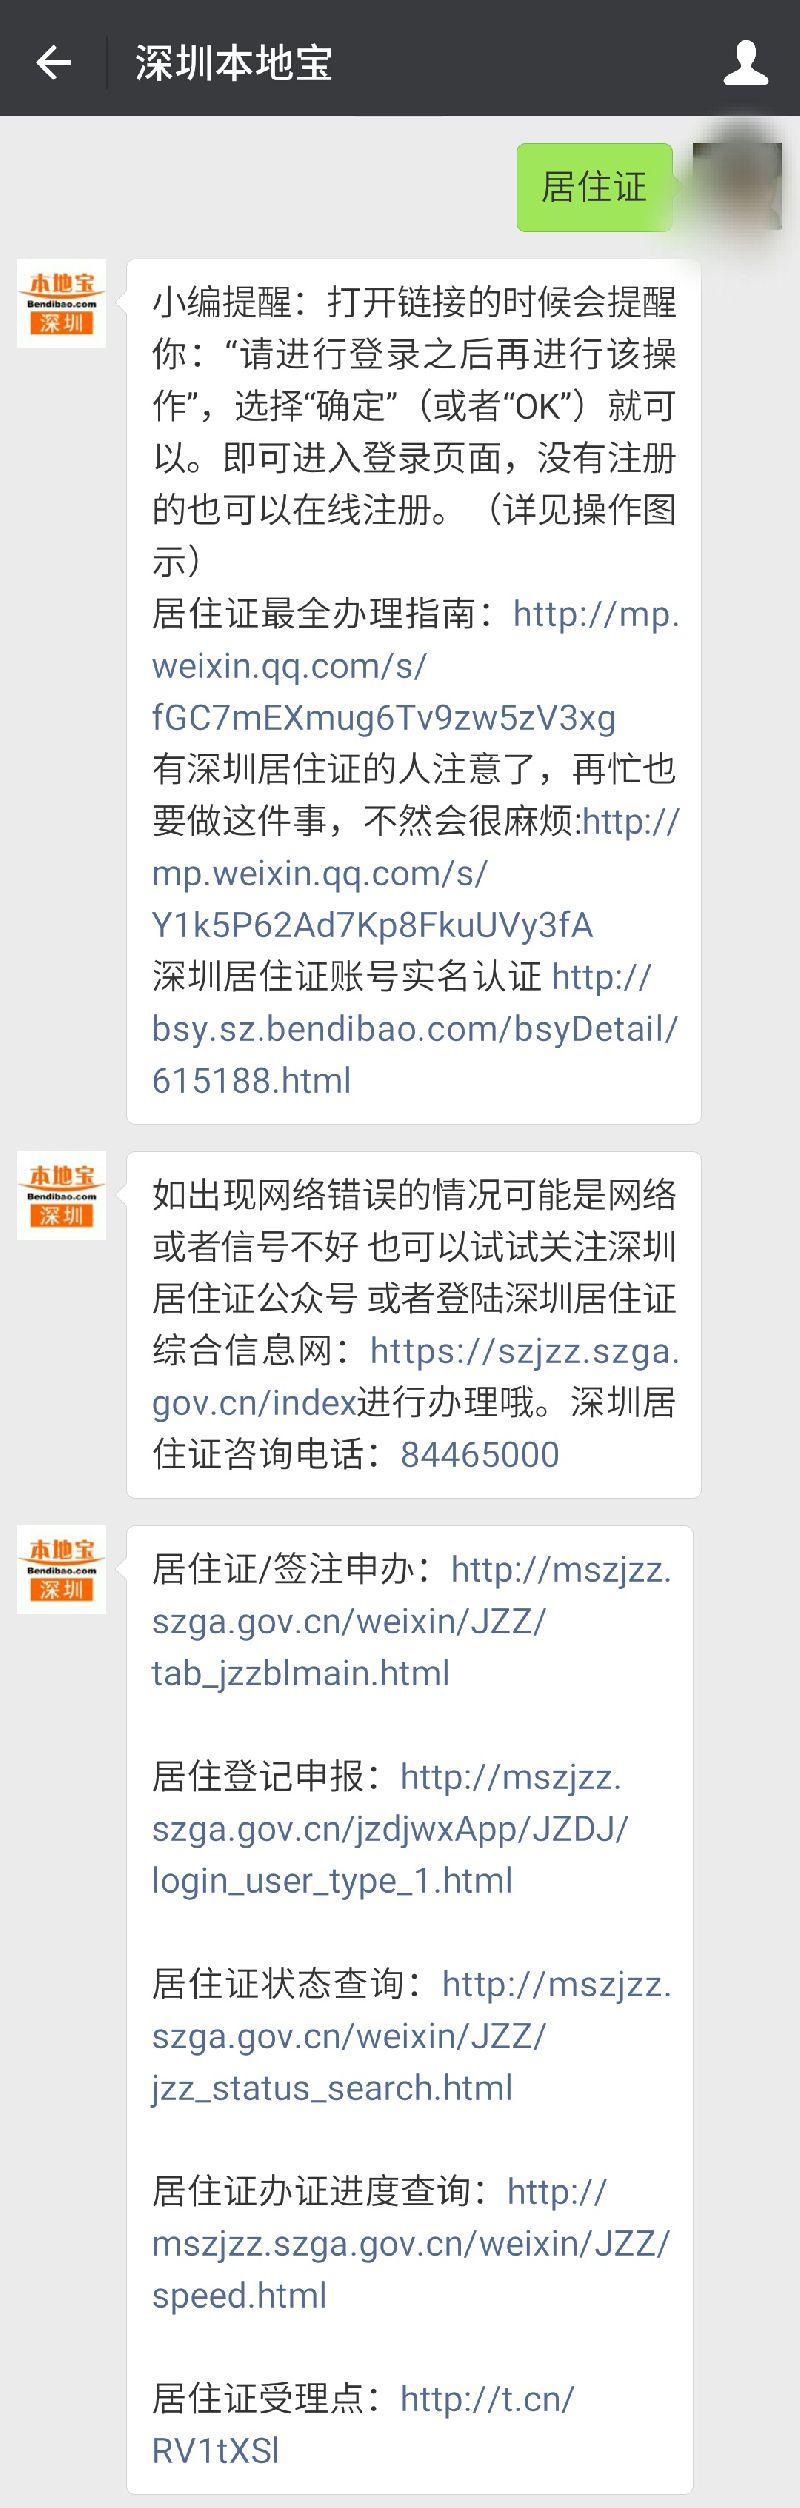 广东省居住证升级 不再设有效期享13项福利